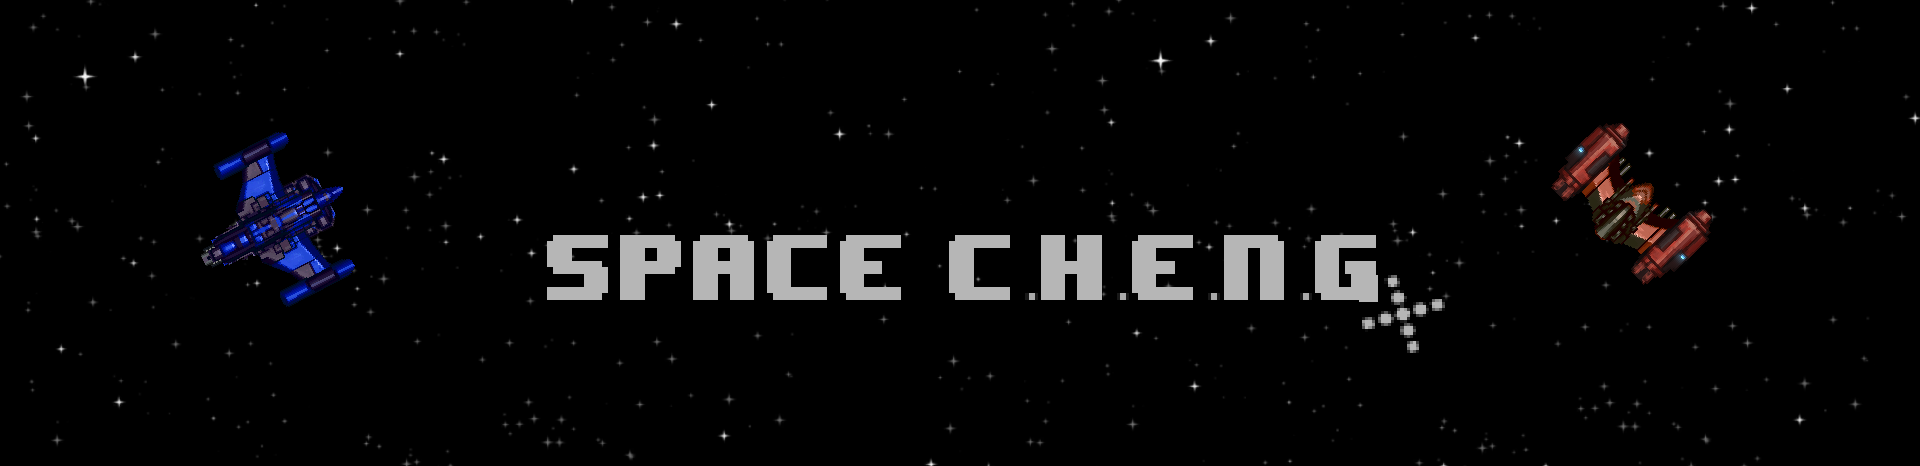 Space C.H.E.N.G.